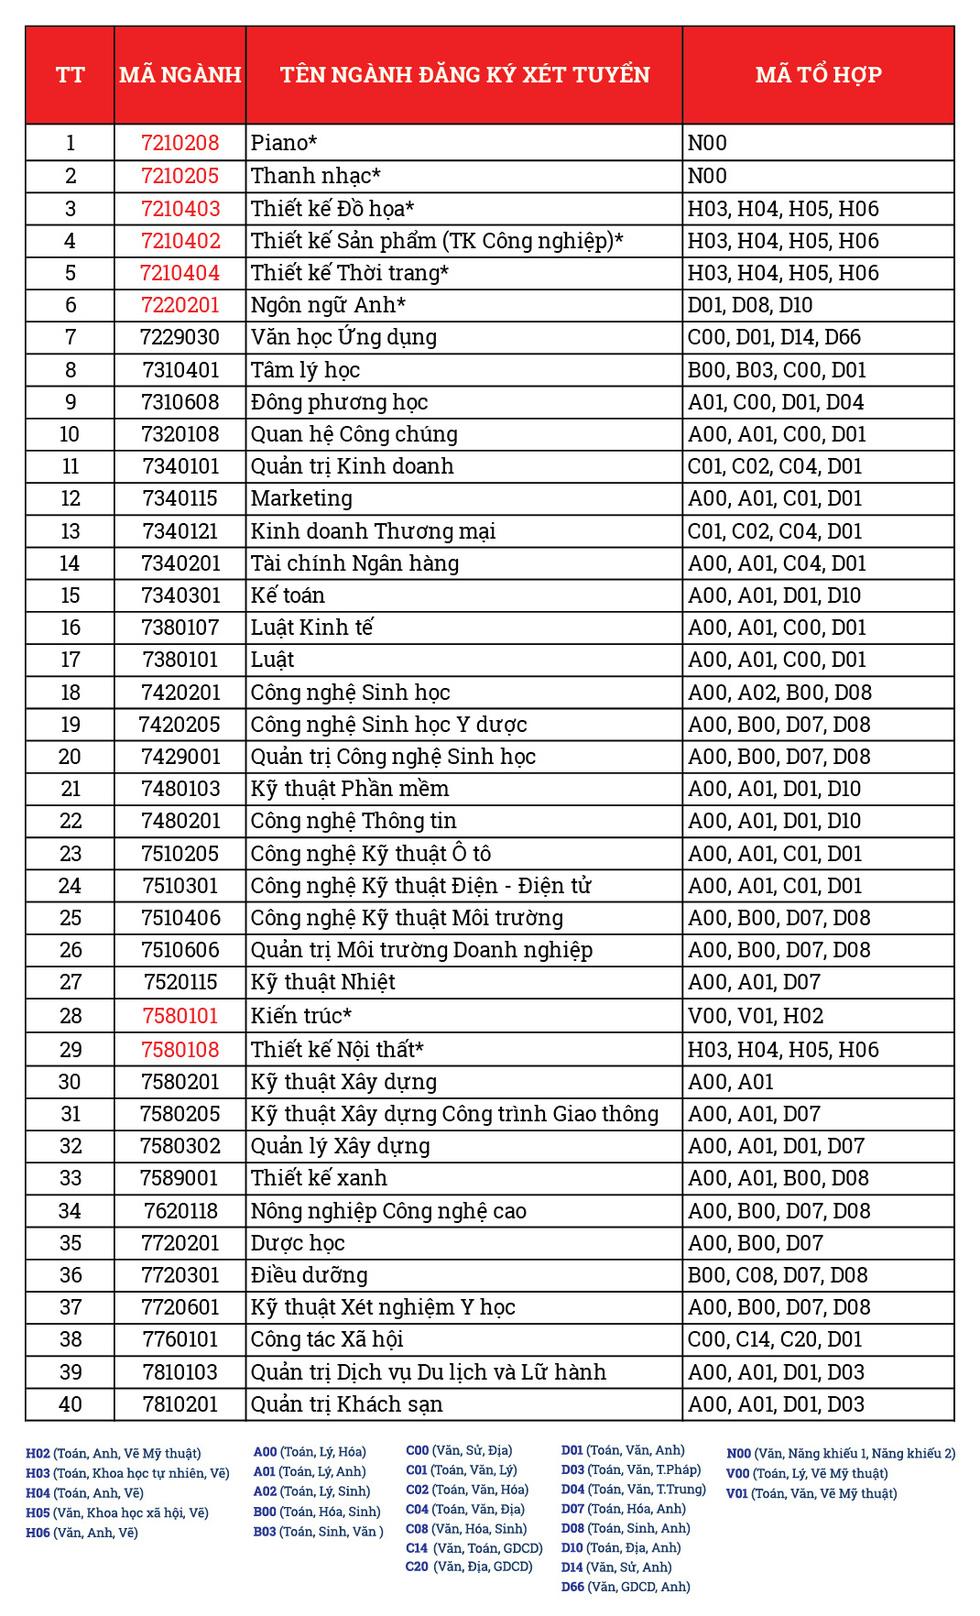 Trường ĐH Văn Lang tuyển sinh 6.885 chỉ tiêu năm 2020 - Ảnh 2.